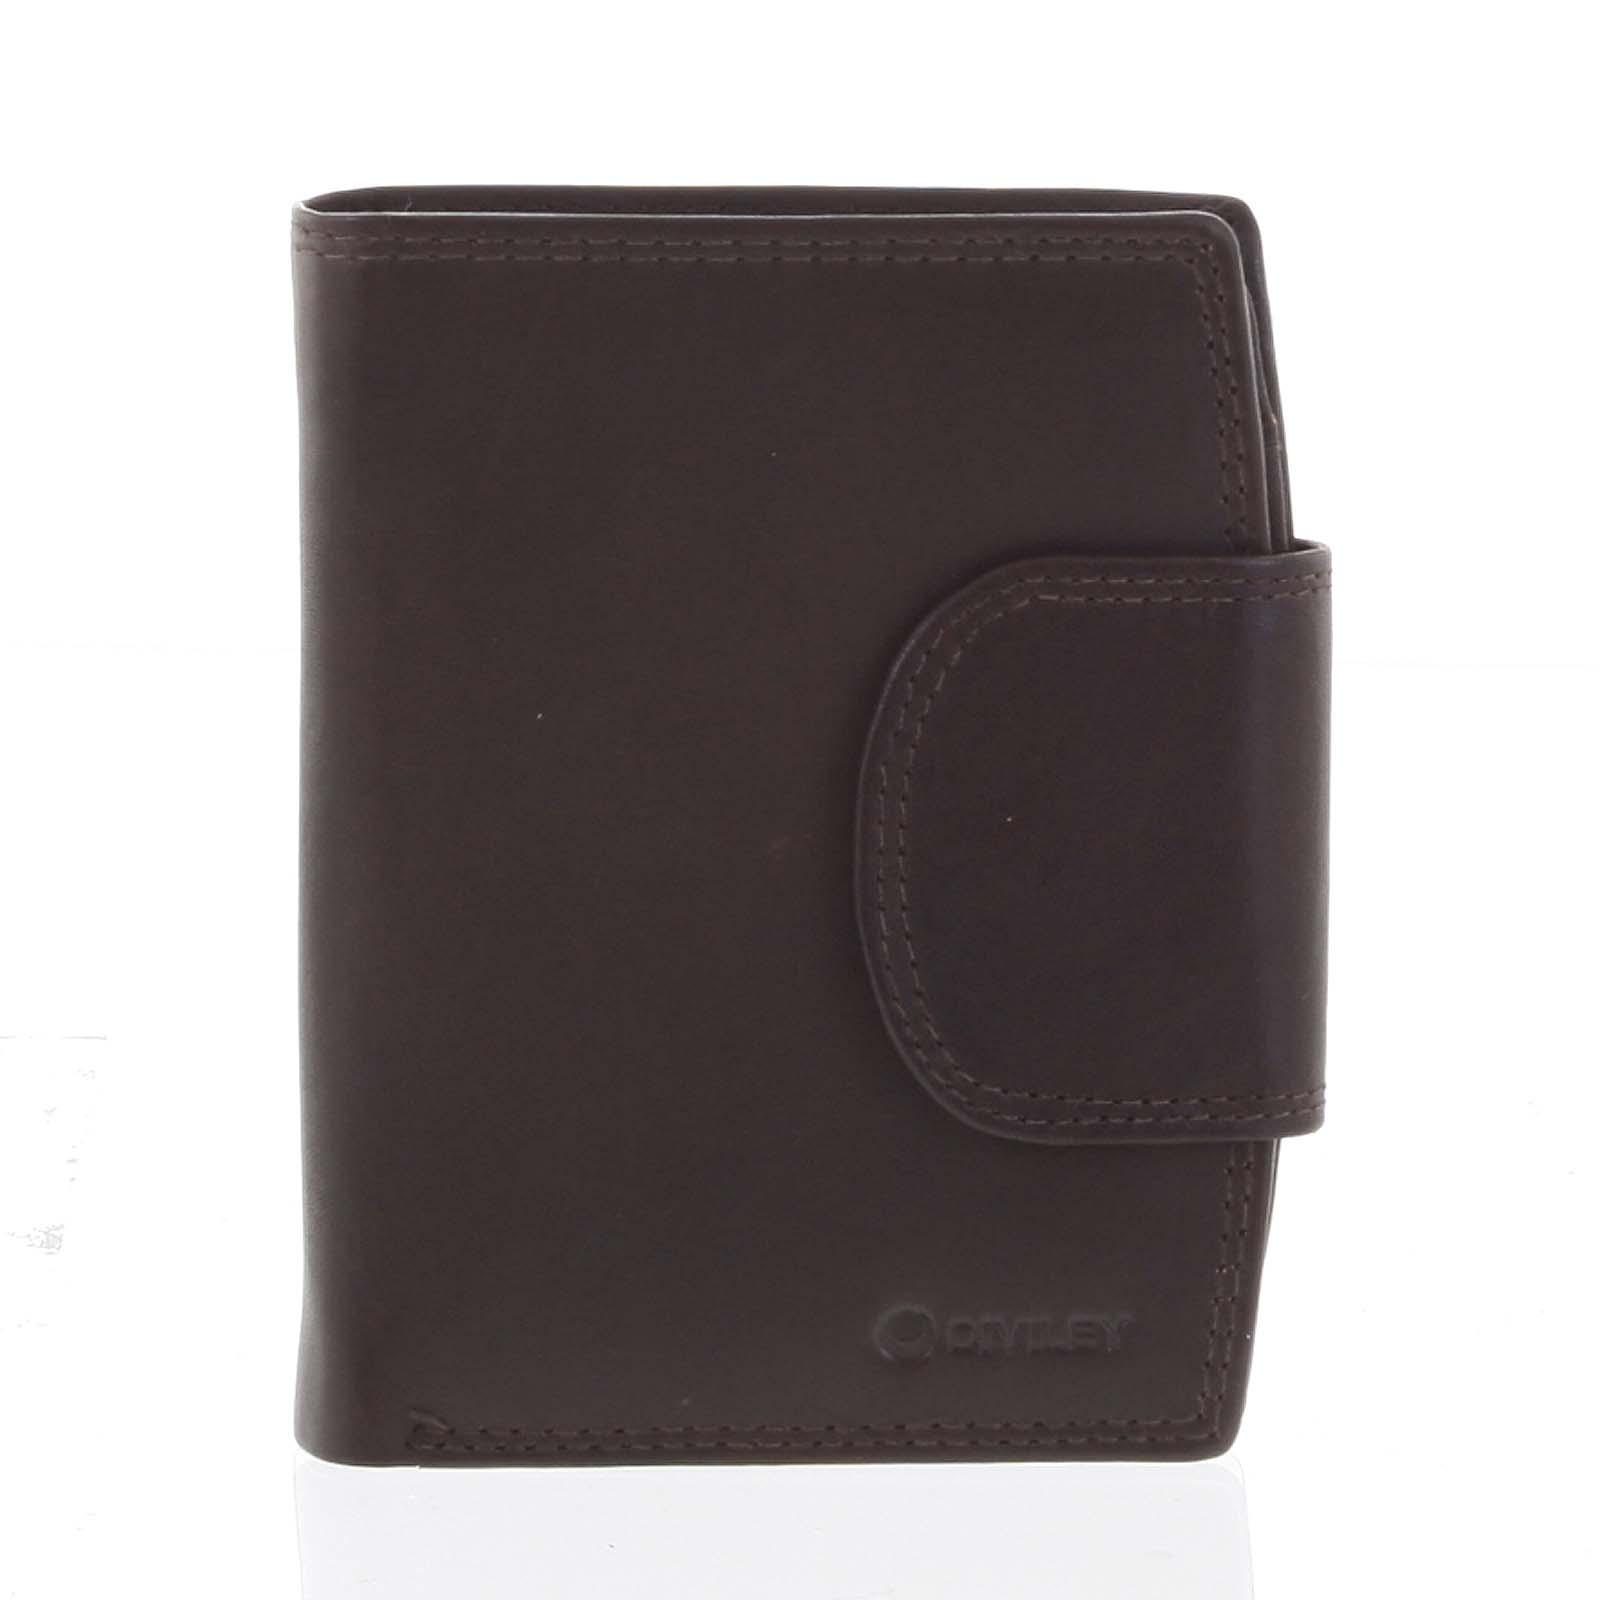 Elegantní hnědá kožená peněženka se zápinkou - Diviley Universit hnědá